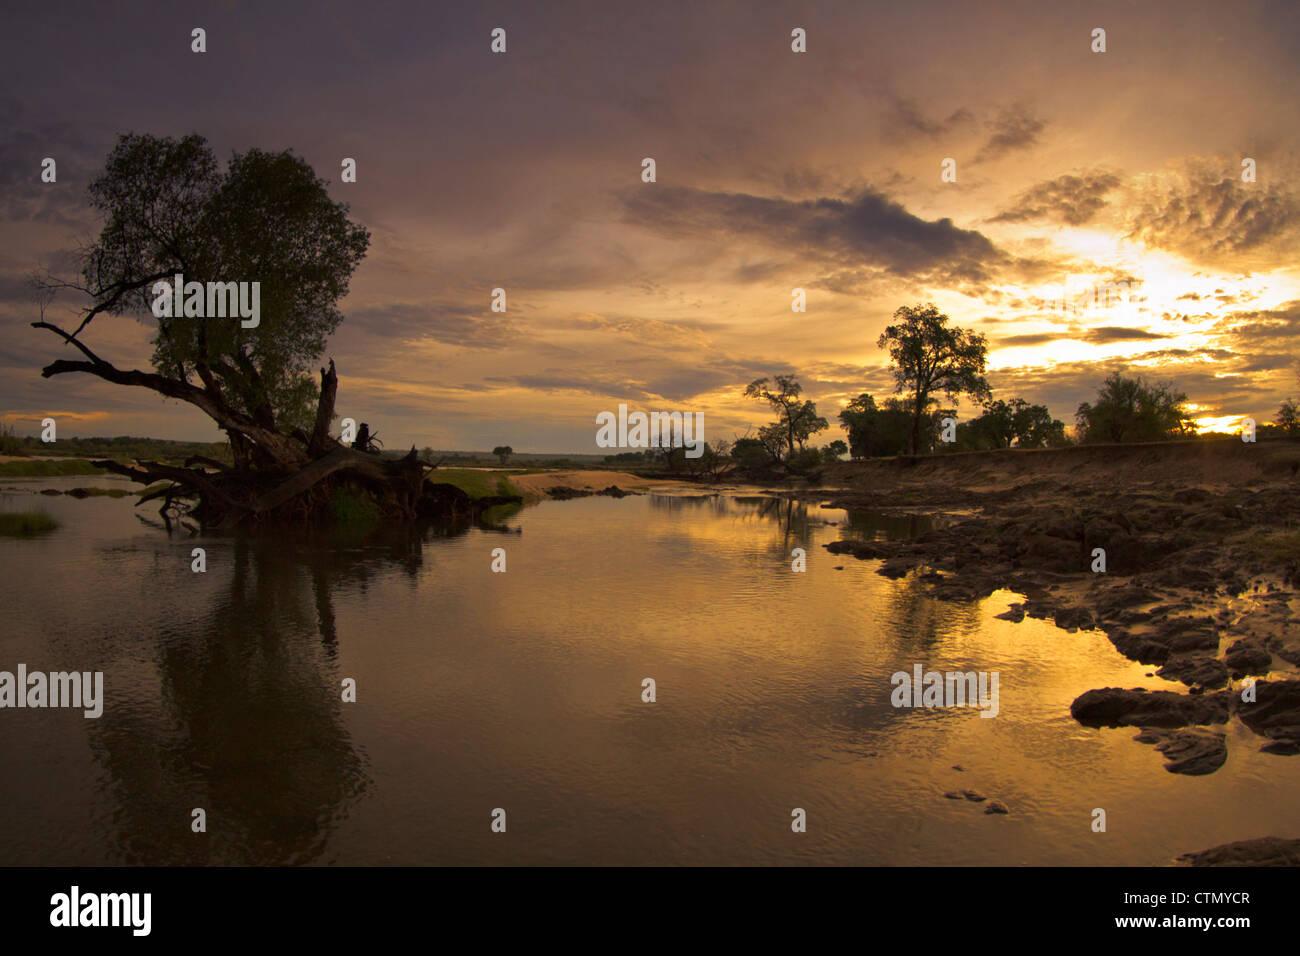 Sunrise, Zamezi National Park, Zambia - Stock Image